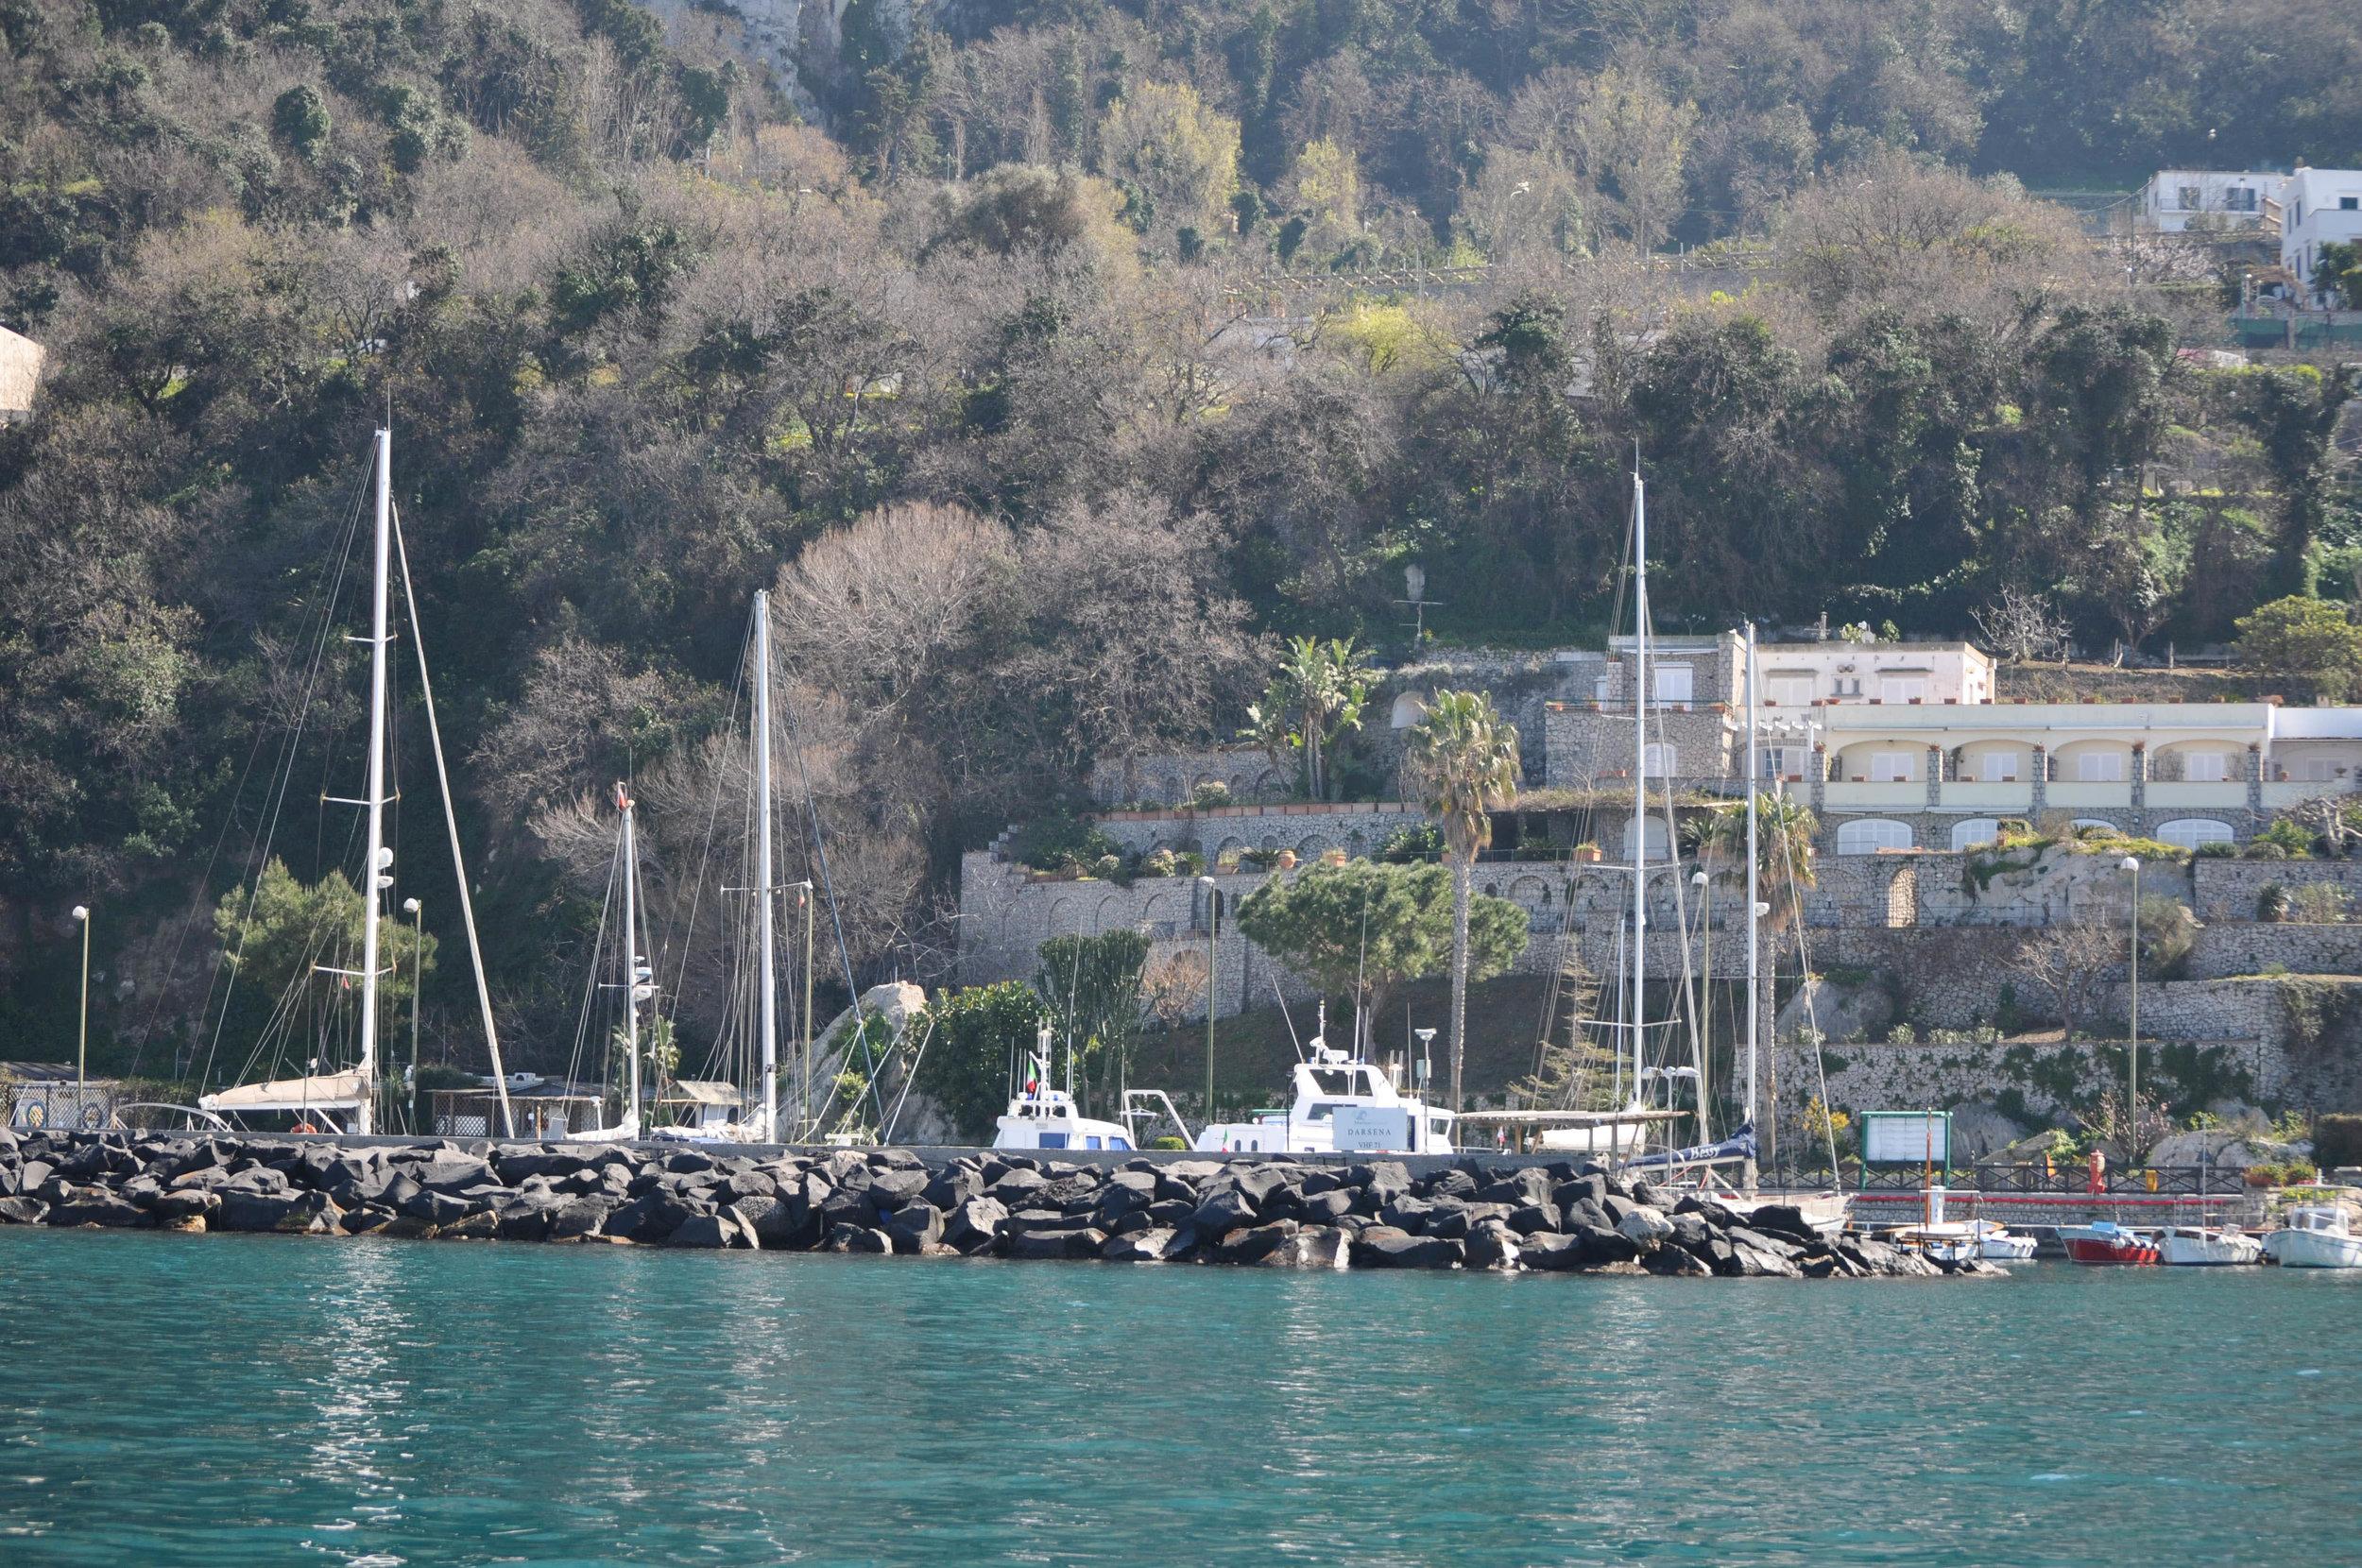 AmalfiCapriPompeii-16.jpg